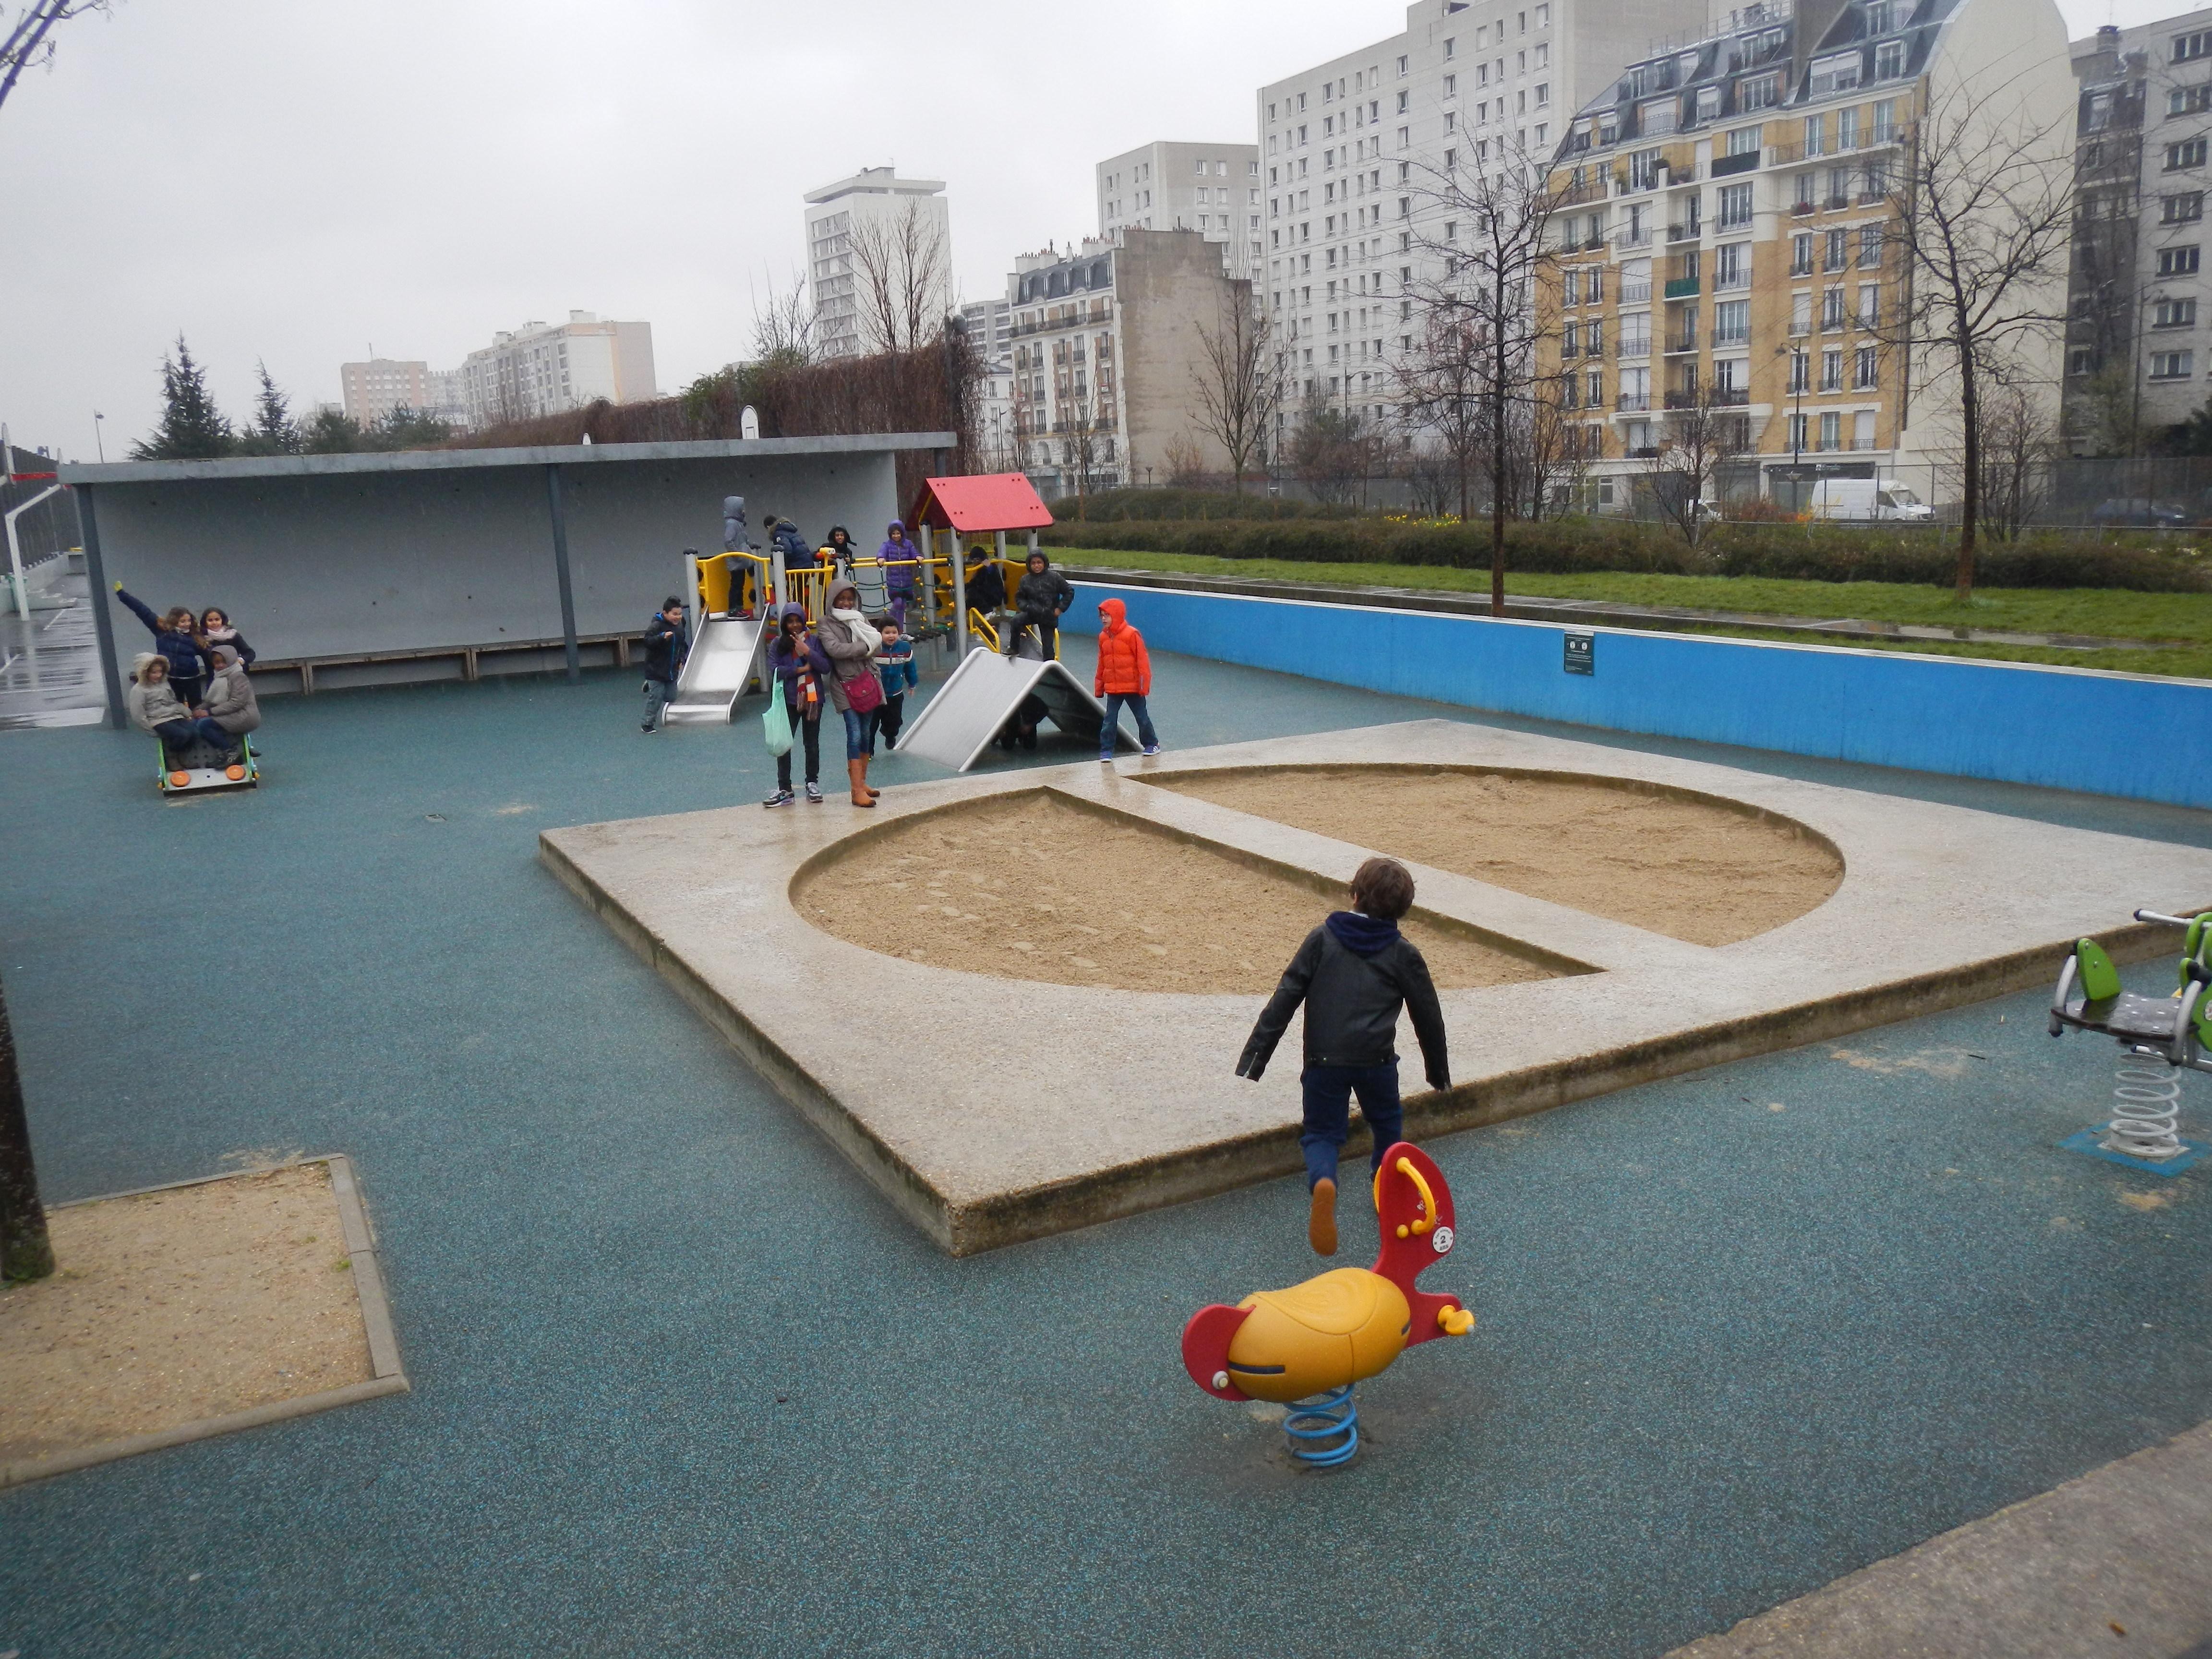 1er Arrêt : les jardins d'Eole, lieu de rencontre entre les enfants du 18ème et du 19ème